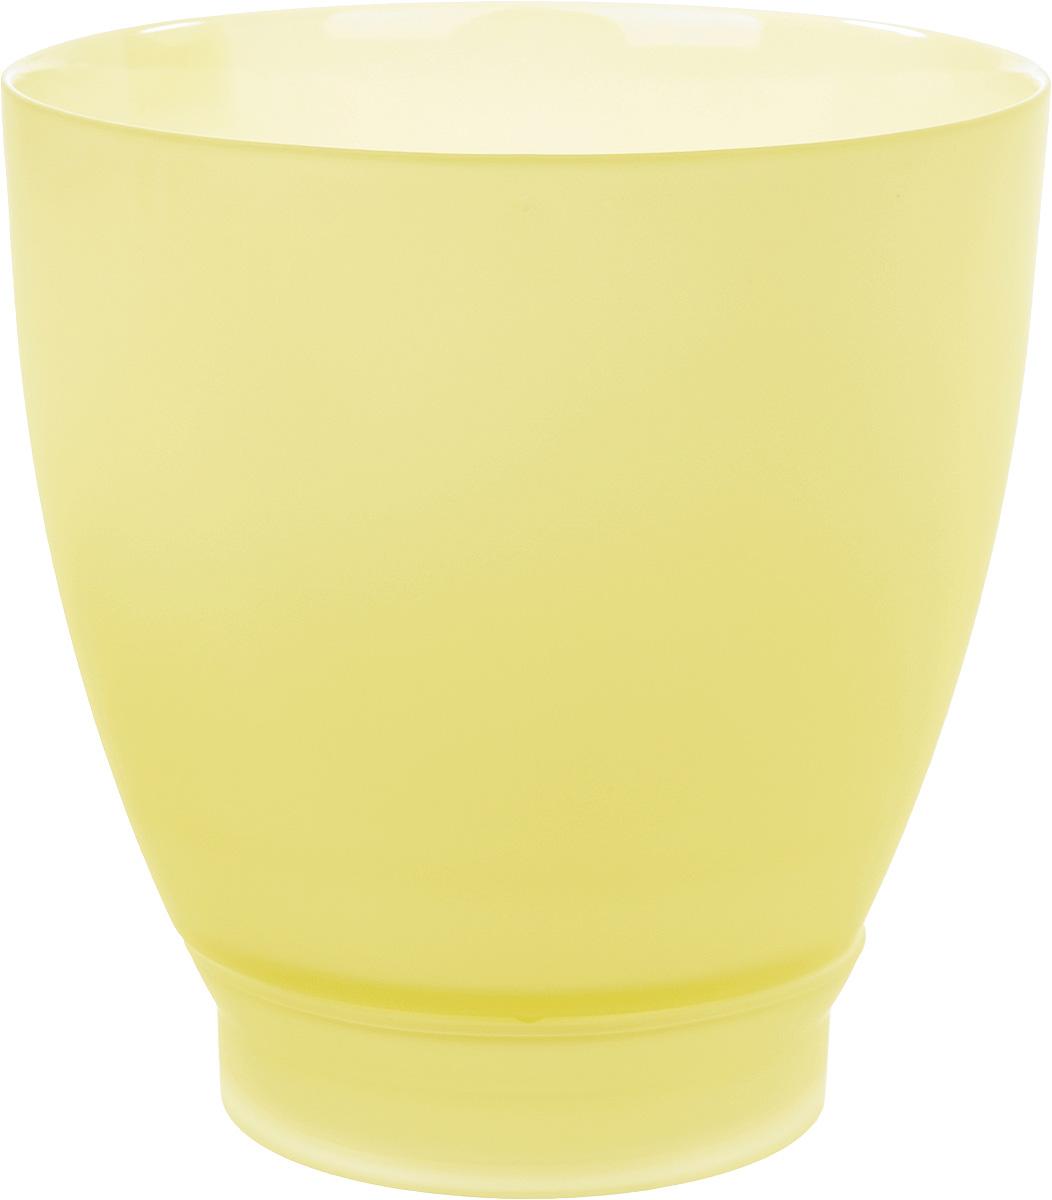 Продукция завода под брендом NinaGlass известна российскому потребителю необычностью форм и оригинальным декорированием. Главным достоинством стеклянных горшков является отсутствие пористости на их внутренней поверхности, что делает безопасной смену растительного состава.  Предприятие производит два вида изделий для флористов:   - стеклянные цветочные горшки с отверстием в дне для посадки в них цветов и растений и подставкой под горшок в виде блюдца; - кашпо без отверстия для укладки в них пластиковых контейнеров с цветами и растениями. Горшки и кашпо изготавливаются из опалового триплексного (тройного) стекла с различными видами декорирования водо- и износостойкими красками. Возможна окраска изделий изнутри. Матовая поверхность и окраска изнутри создают объемный эффект, а сами цвета очень мягкие и приятные. Также интересны и формы изделий, выполненные методом центробежного формования:  - горшки НТ - современная модель горшка с поддоном, которые смотрятся как единое целое и обладают устойчивым широким дном; - кашпо НТ - глубокие, с небольшим радиусом выпуклости, хорошим широким дном.  Кашпо-подсвечники в форме куба можно считать дополнительной опцией: вы можете оформить интерьер не только оригинальными горшками и кашпо, но также весьма привлекательными подсвечниками. Доступны 5 размеров горшков и кашпо и 3 размера кашпо-кубов.  Продукция TM NinaGlass безопасна, функциональна, прочна и уникальна. Горшки и кашпо способны создать неповторимое настроение и стать центром интерьера в любом помещении.